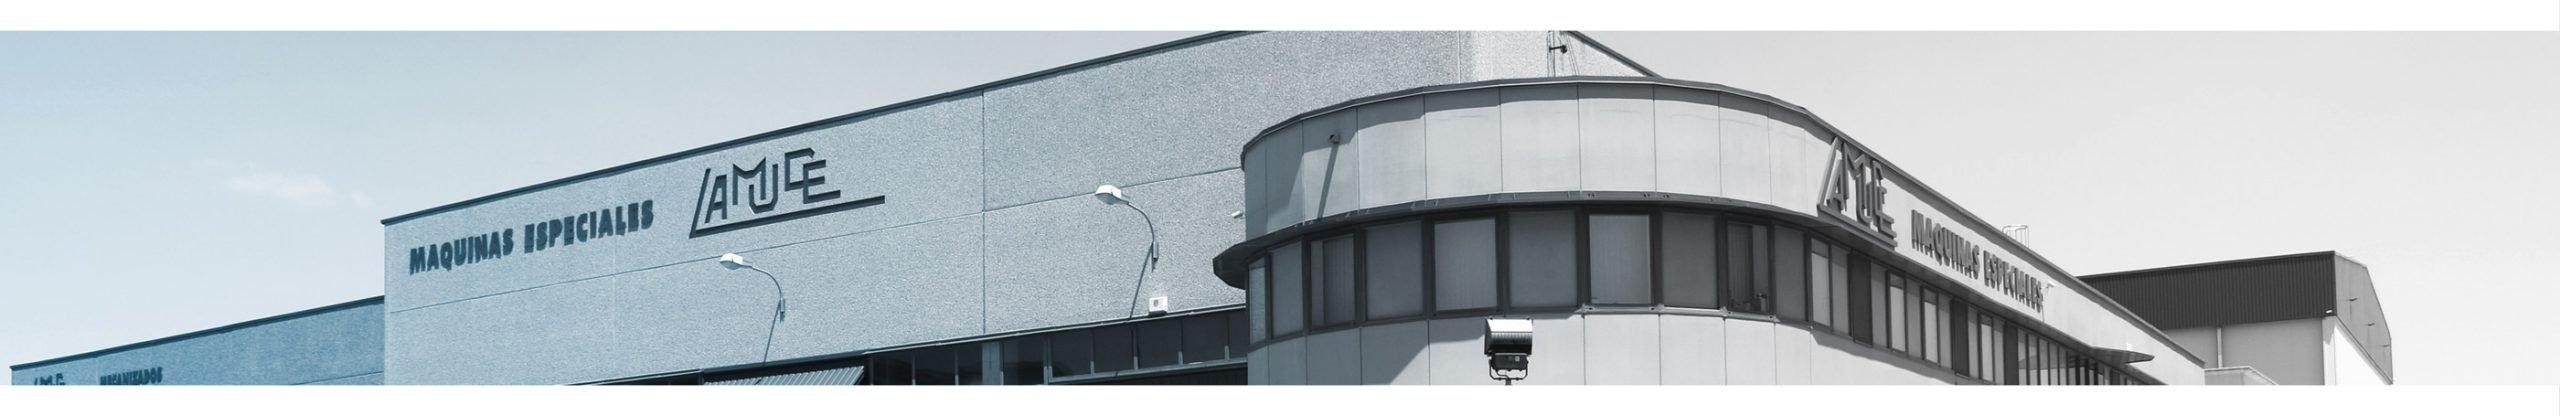 fachada exterior de máquinas especiales LAMUCE